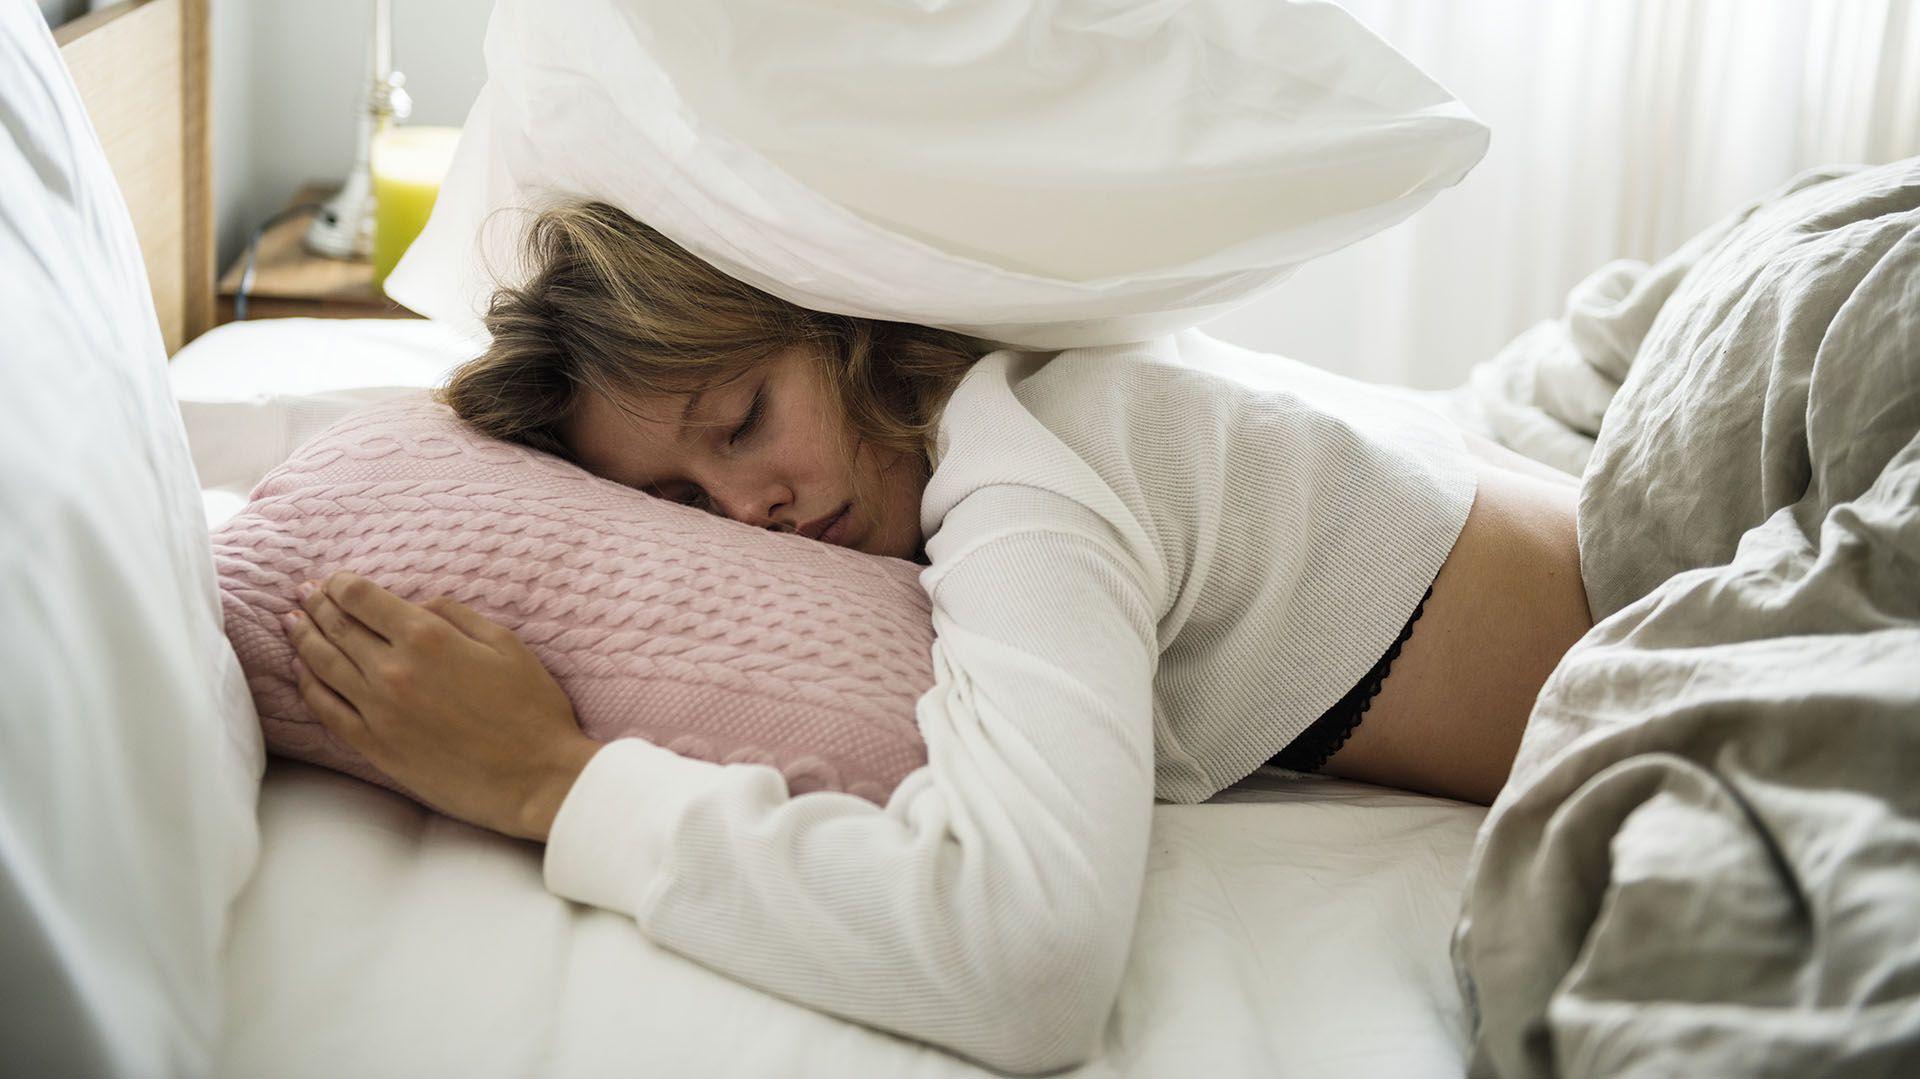 El COVID-19 produce gran cansancio y fatiga en gran parte de quienes la sufren (Getty)